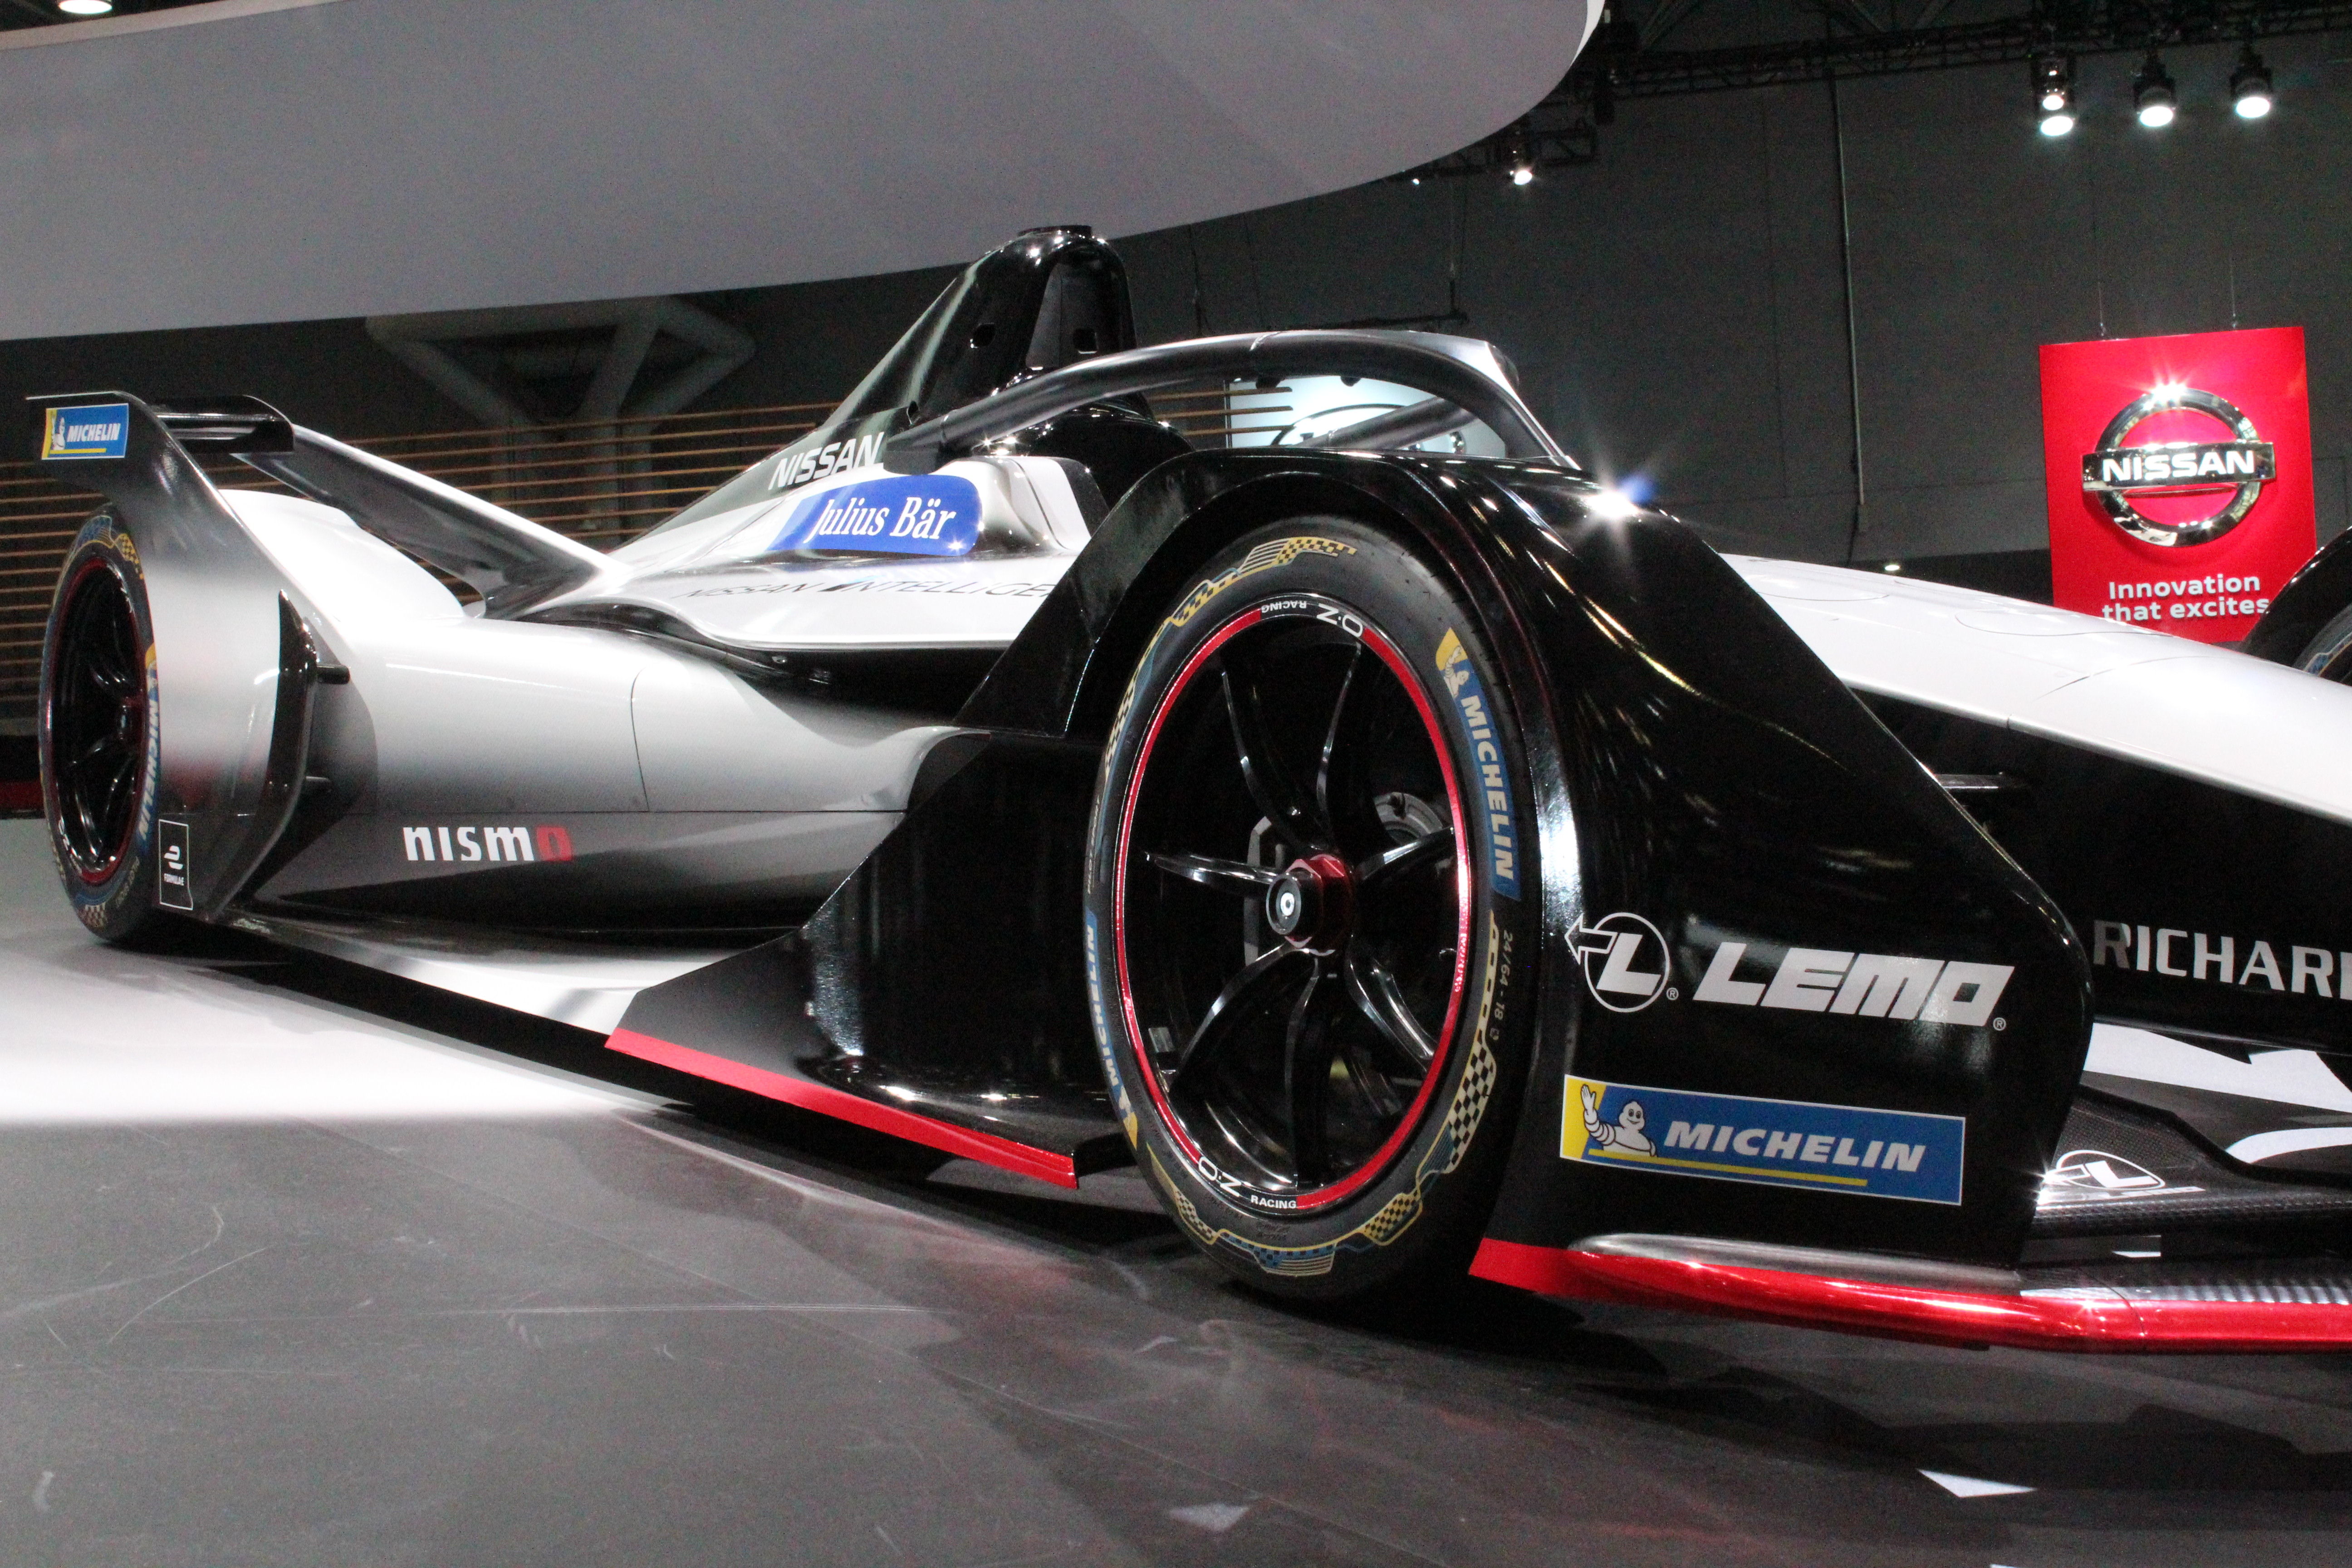 Nissan - NYC Auto Expo